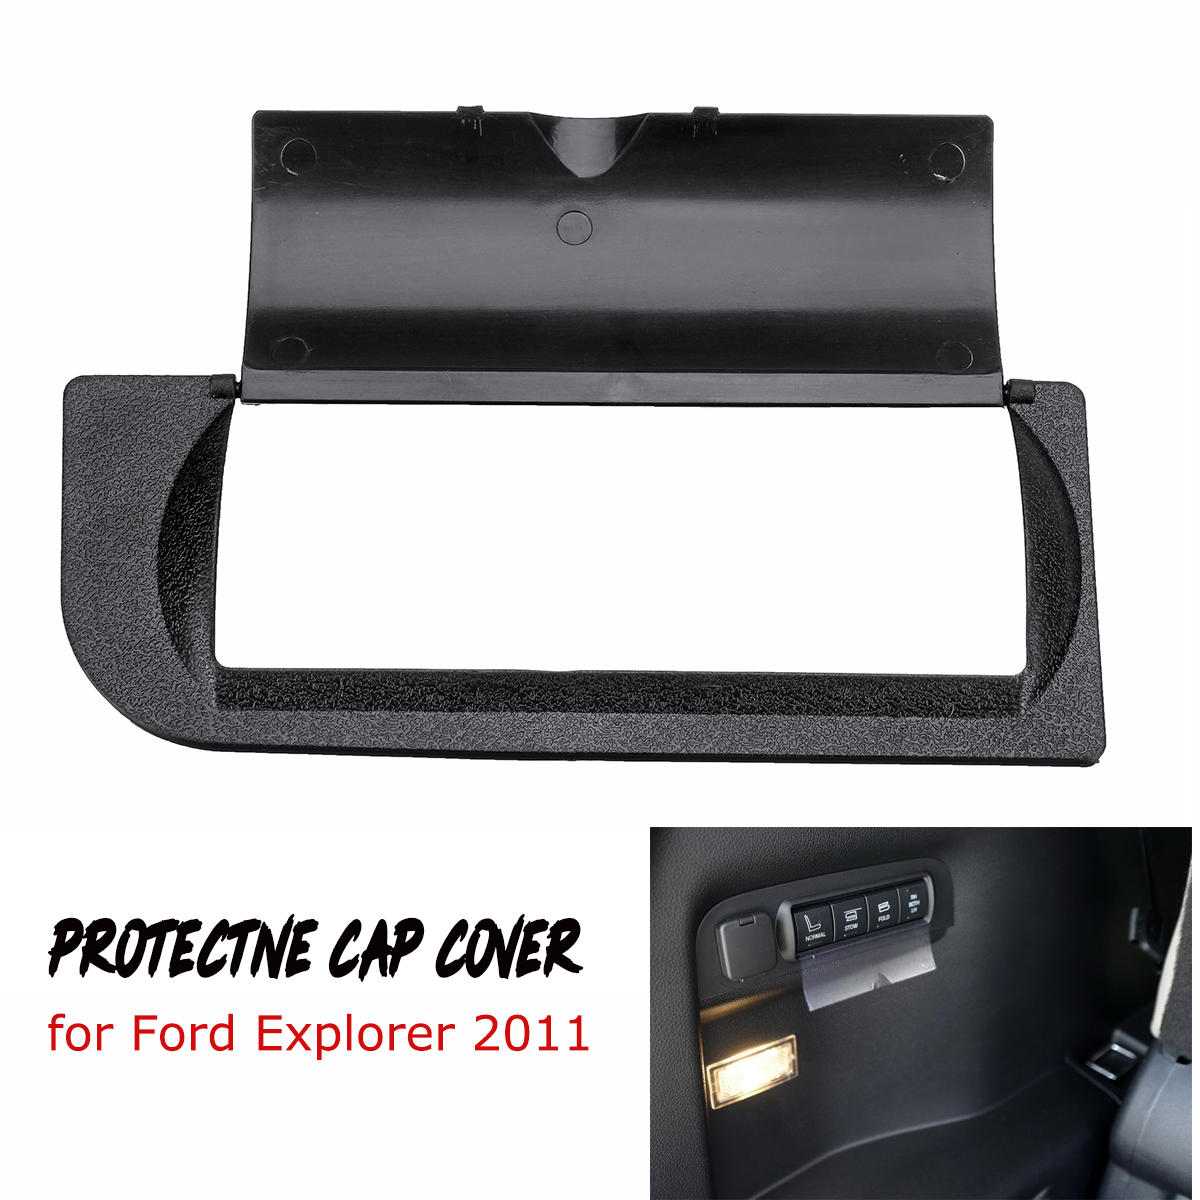 Abs capa protetora para botões no tronco para ford explorer 2011 2012 2013 2014 2015 2016 2017